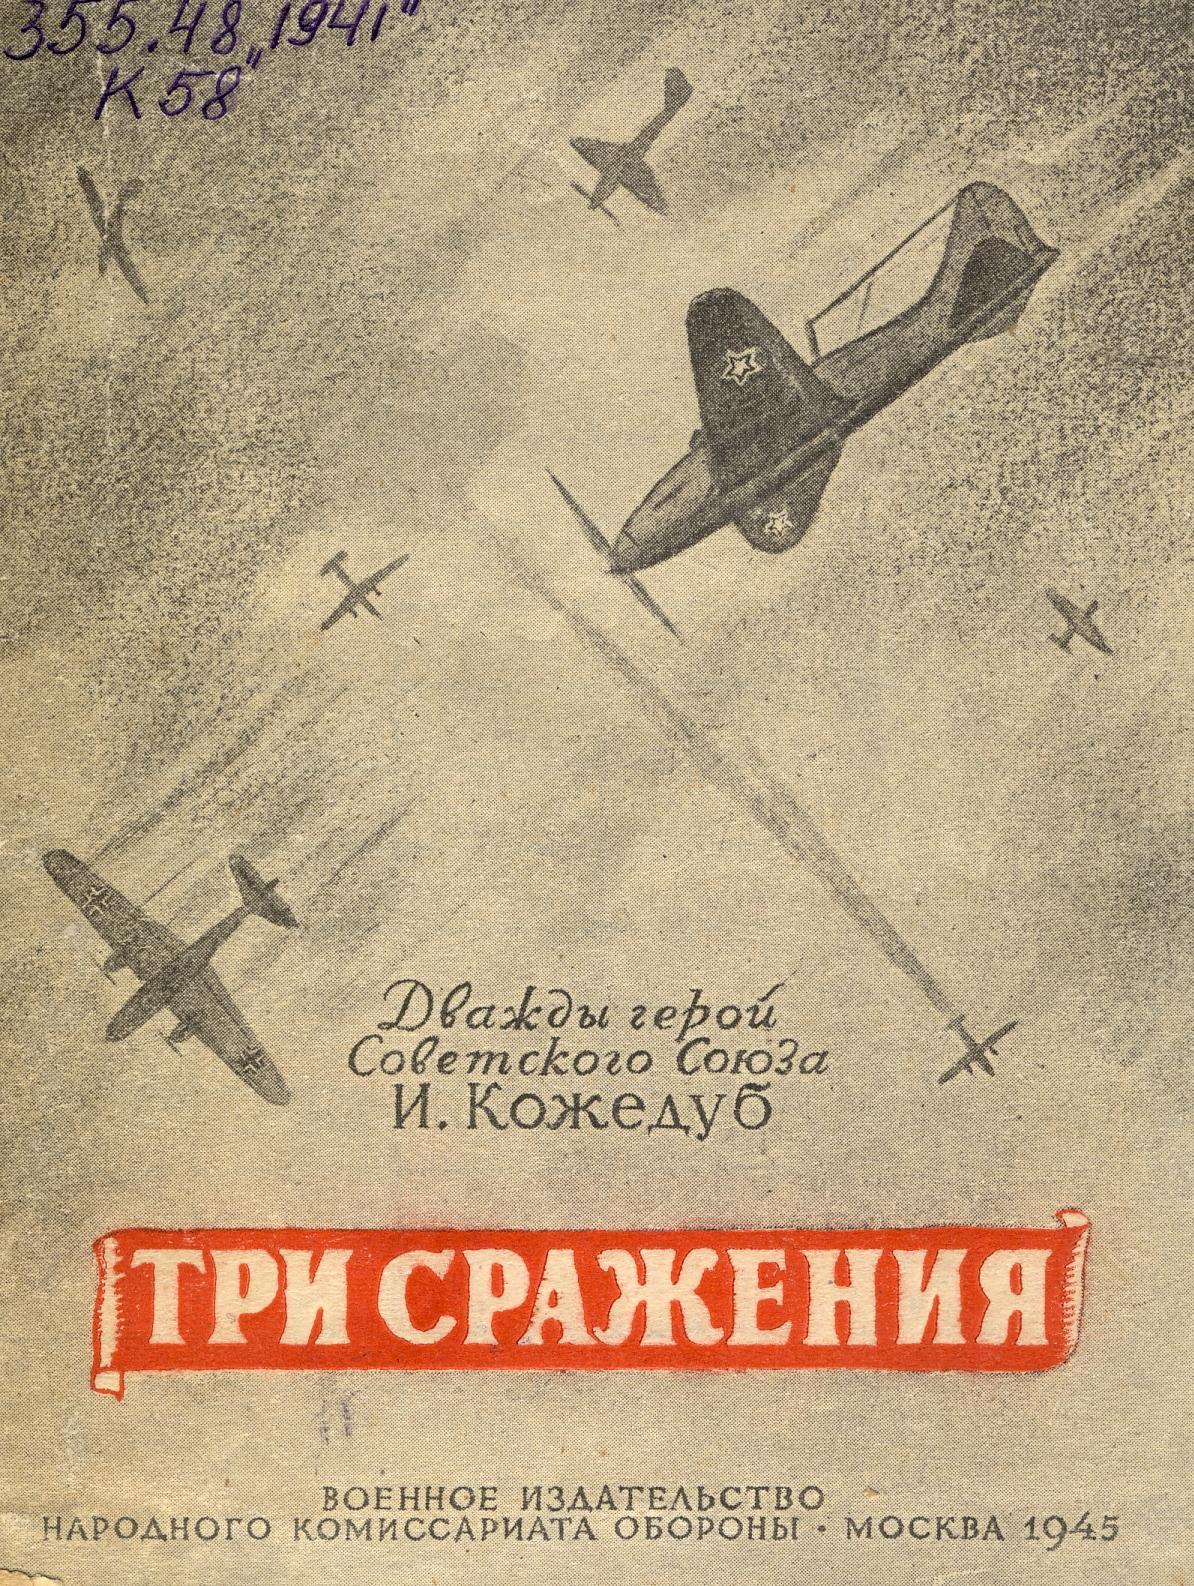 Воспоминания трижды героя СССР летчика И. Н. Кожедуба о боях на Курской дуге, за Днестром и в небе над Берлином